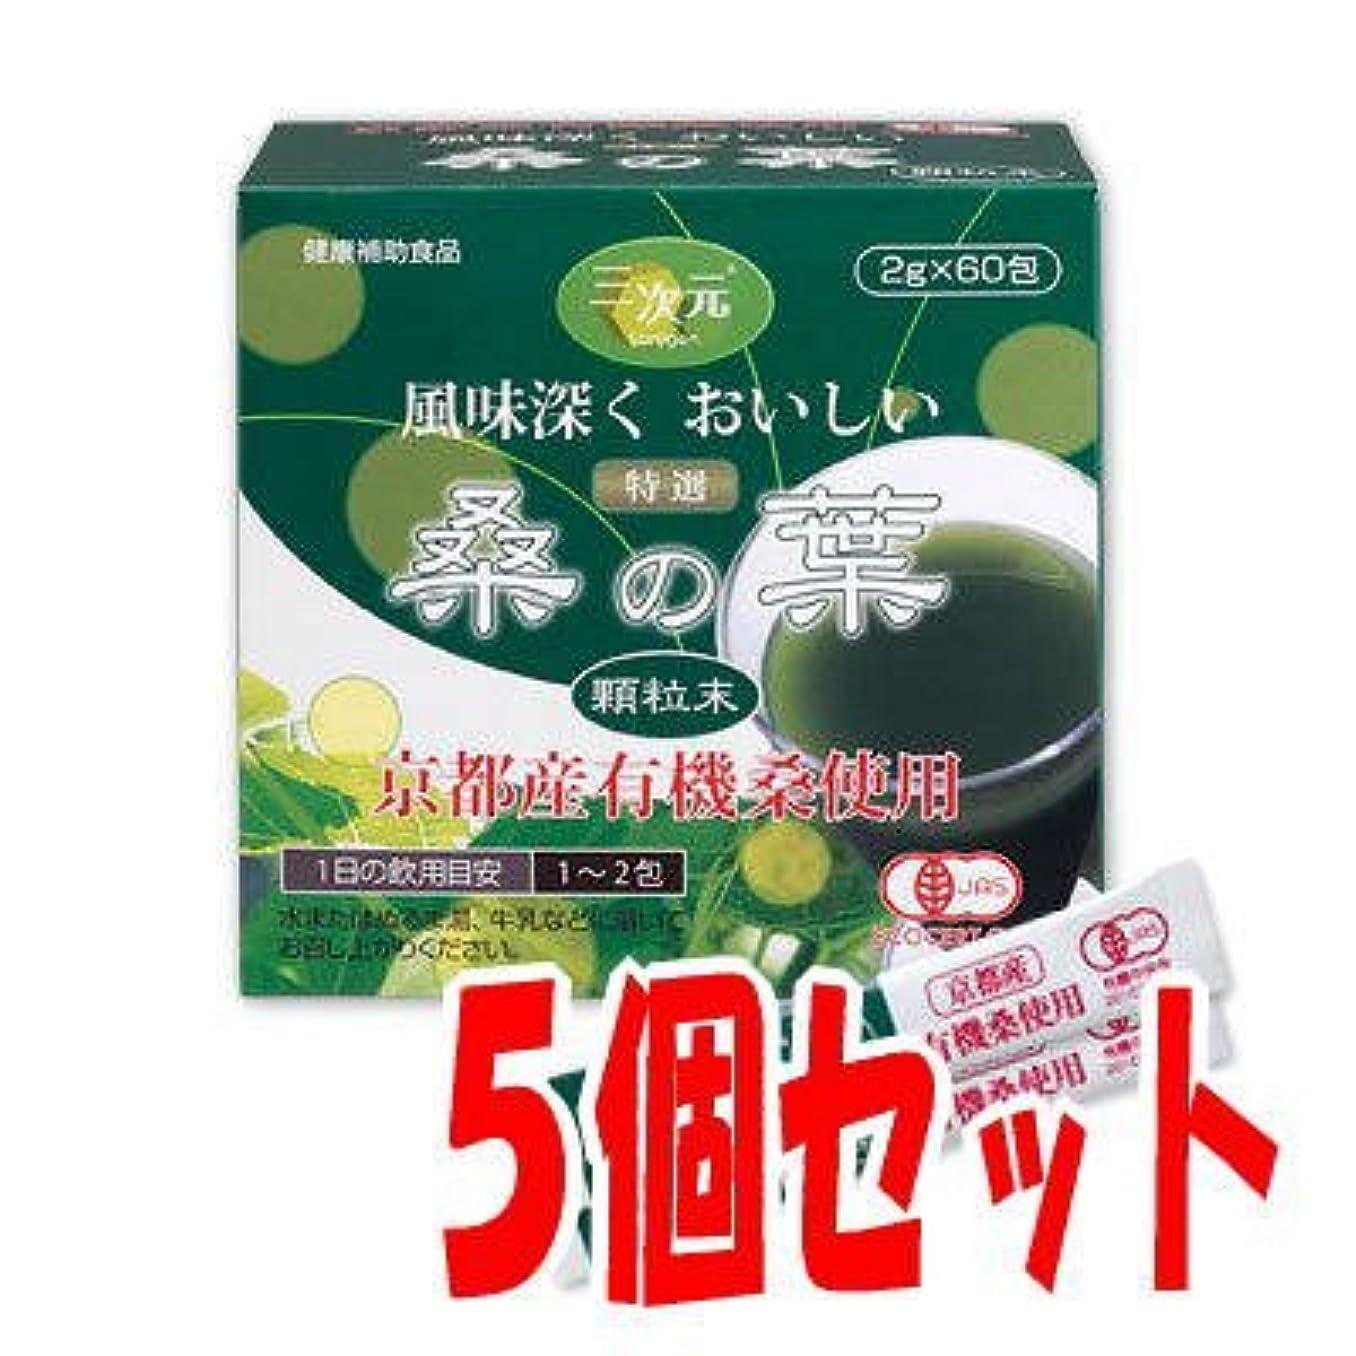 特選「桑の葉」顆粒末1箱60包入×5箱セット 国産(京都産)有機桑使用 苦くなく風味深くおいしい青汁